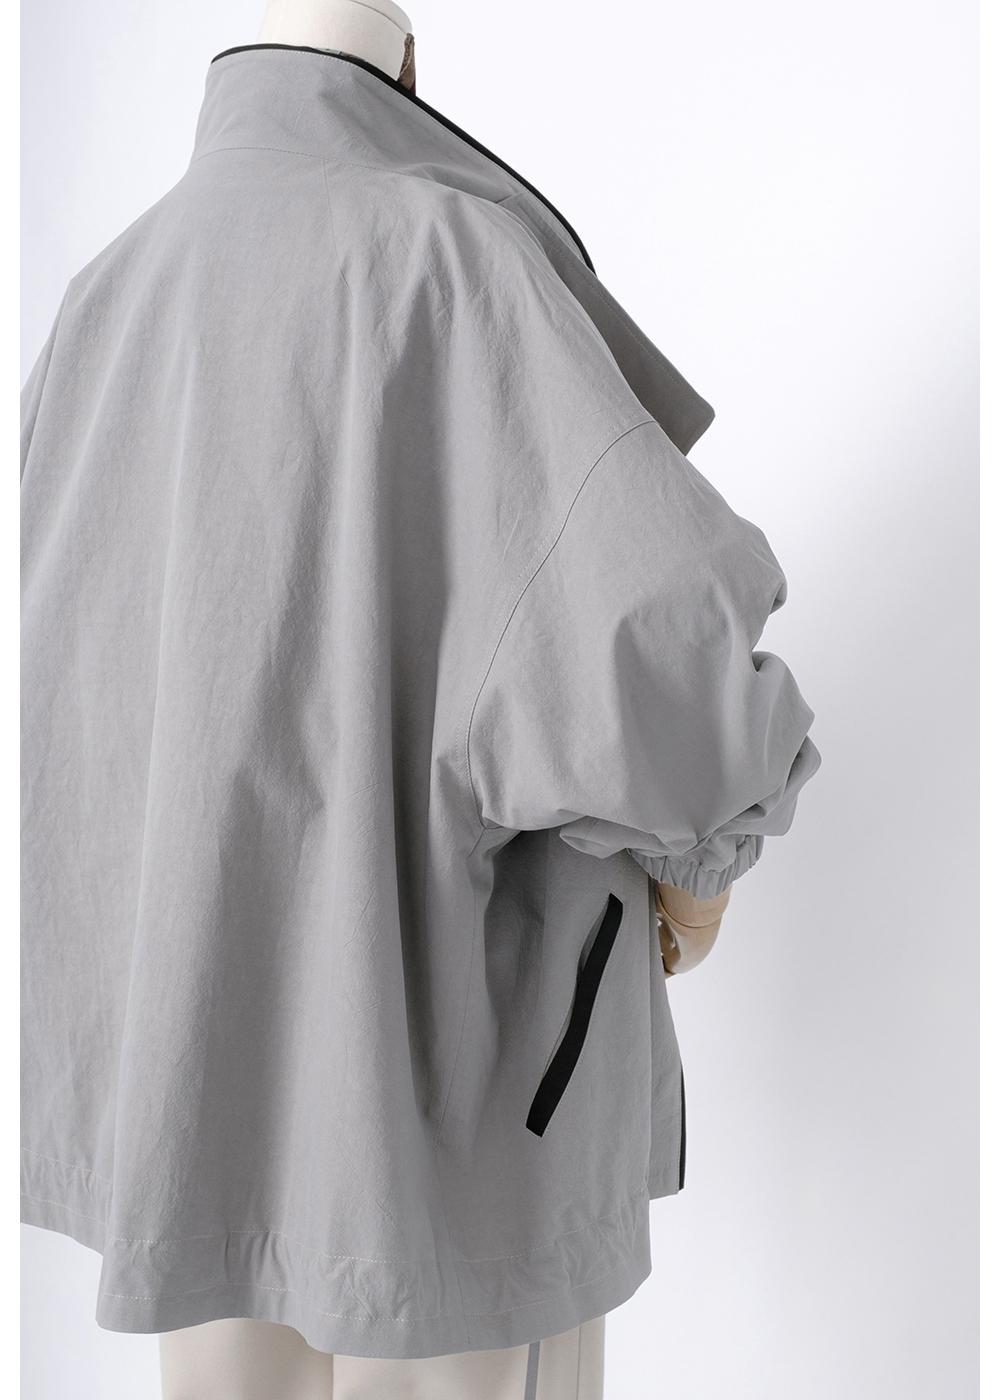 재킷 모델 착용 이미지-S1L7